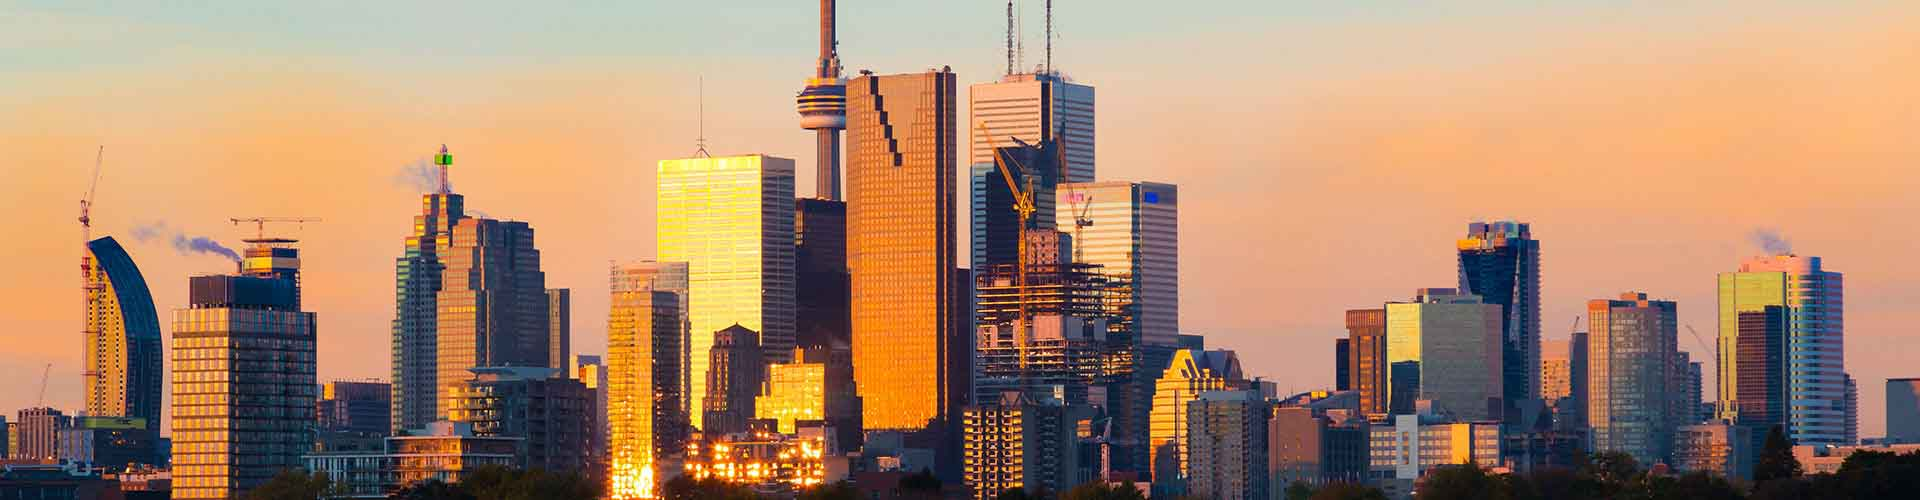 토론토 - Downtown Toronto 지구의 호스텔. 토론토의 지도, 토론토에 위치한 호스텔 사진 및 후기 정보.